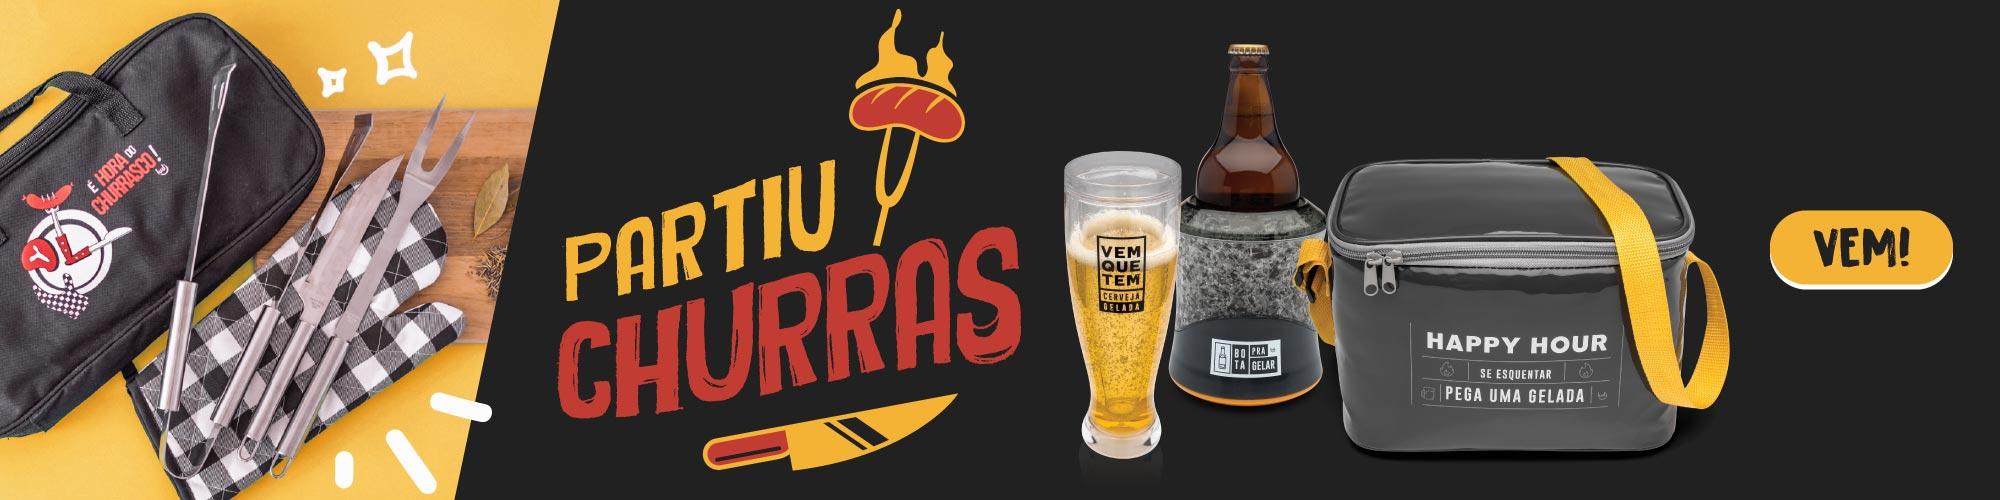 A - churras